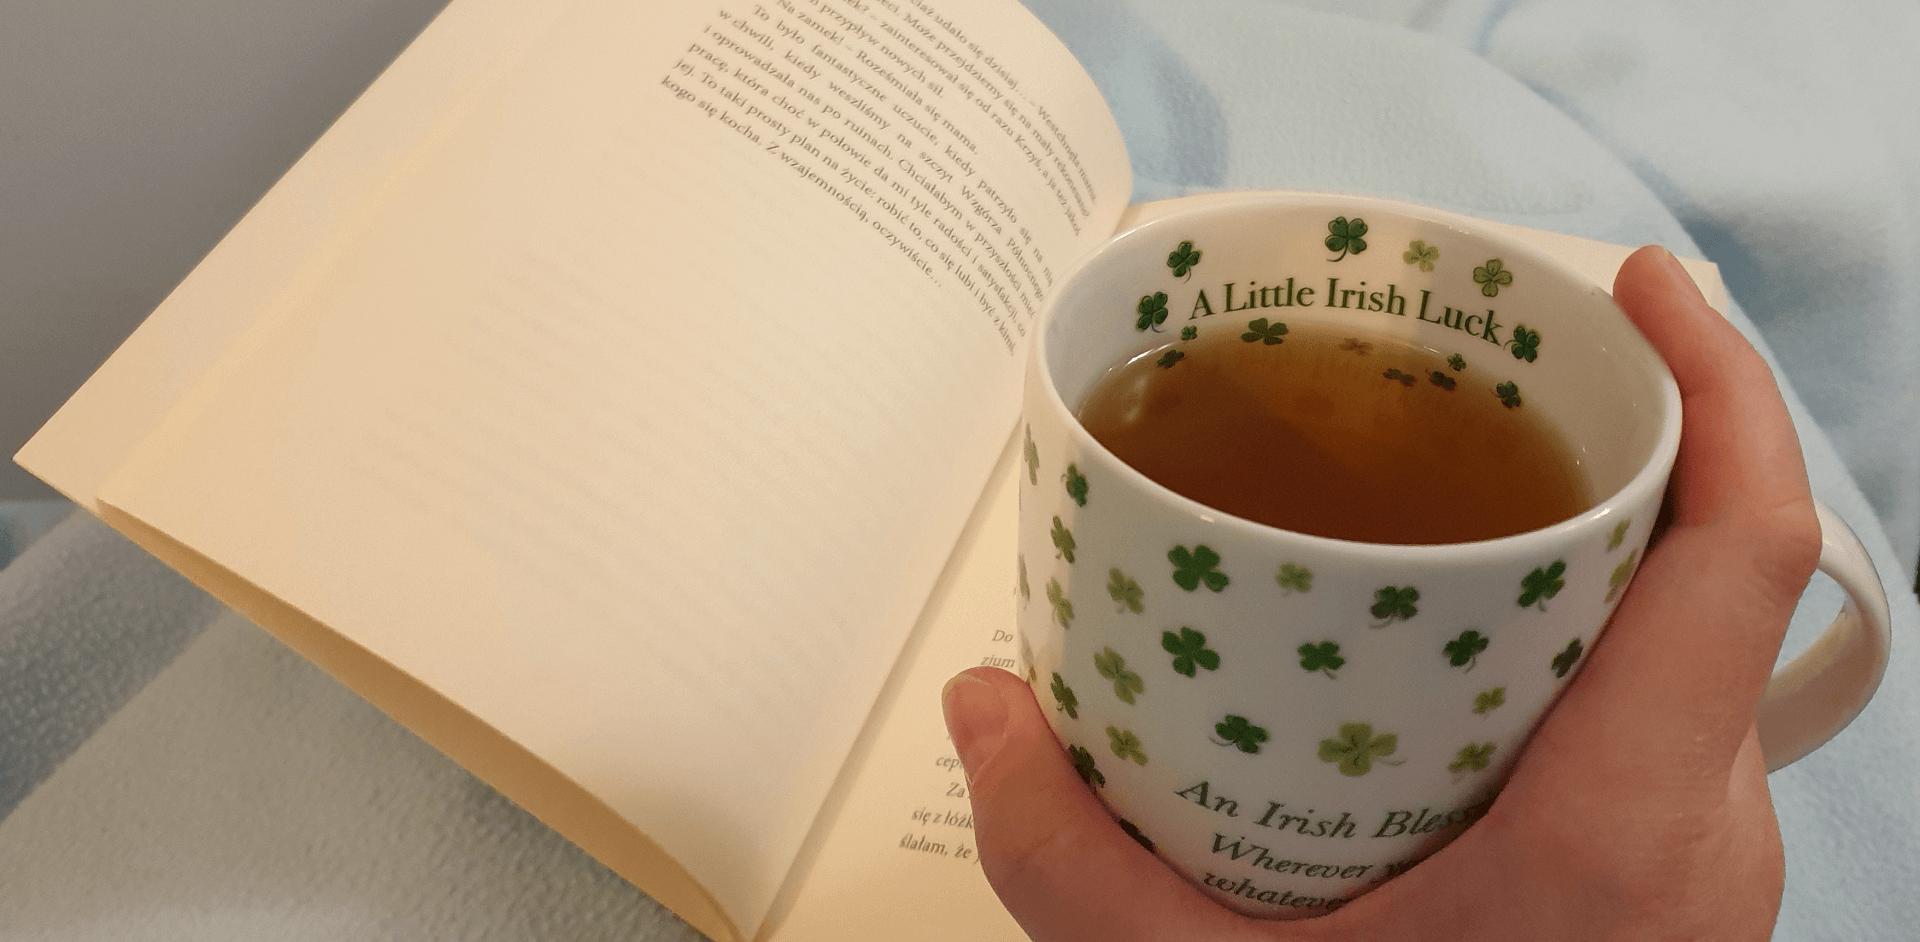 """Książka """"Przeczucia"""" z kubkiem w koniczynki z napisem o szczęściu irlandzkim"""